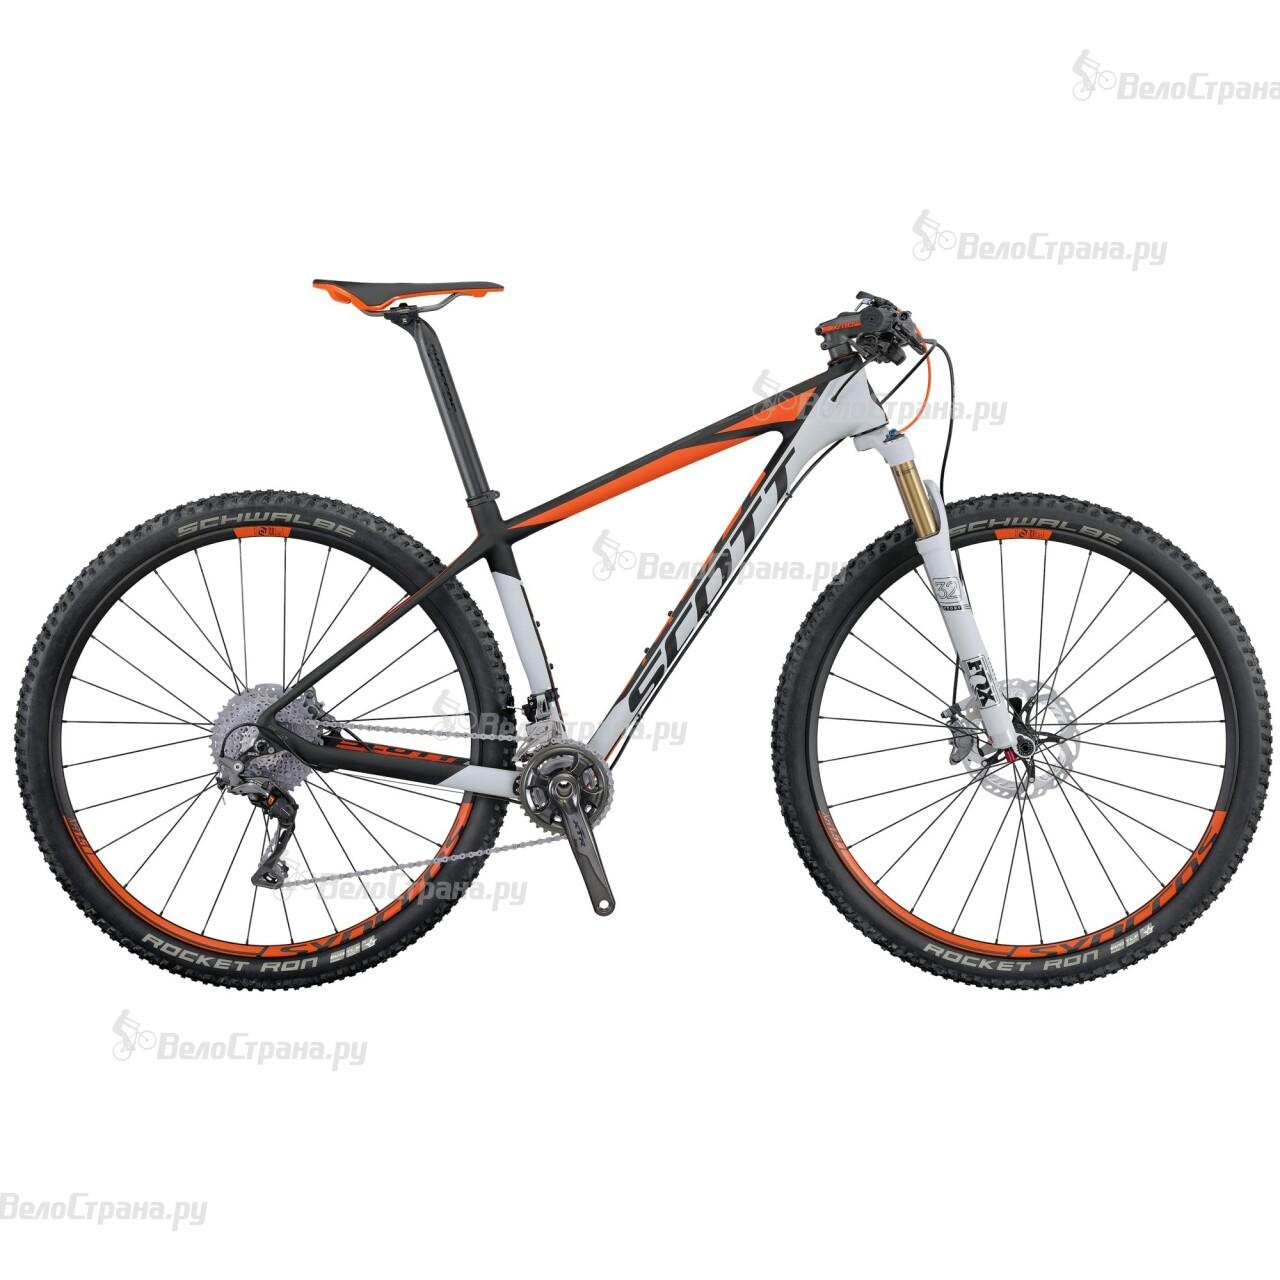 Велосипед Scott Scale 900 Premium (2016) велосипед scott scale junior 26 2016